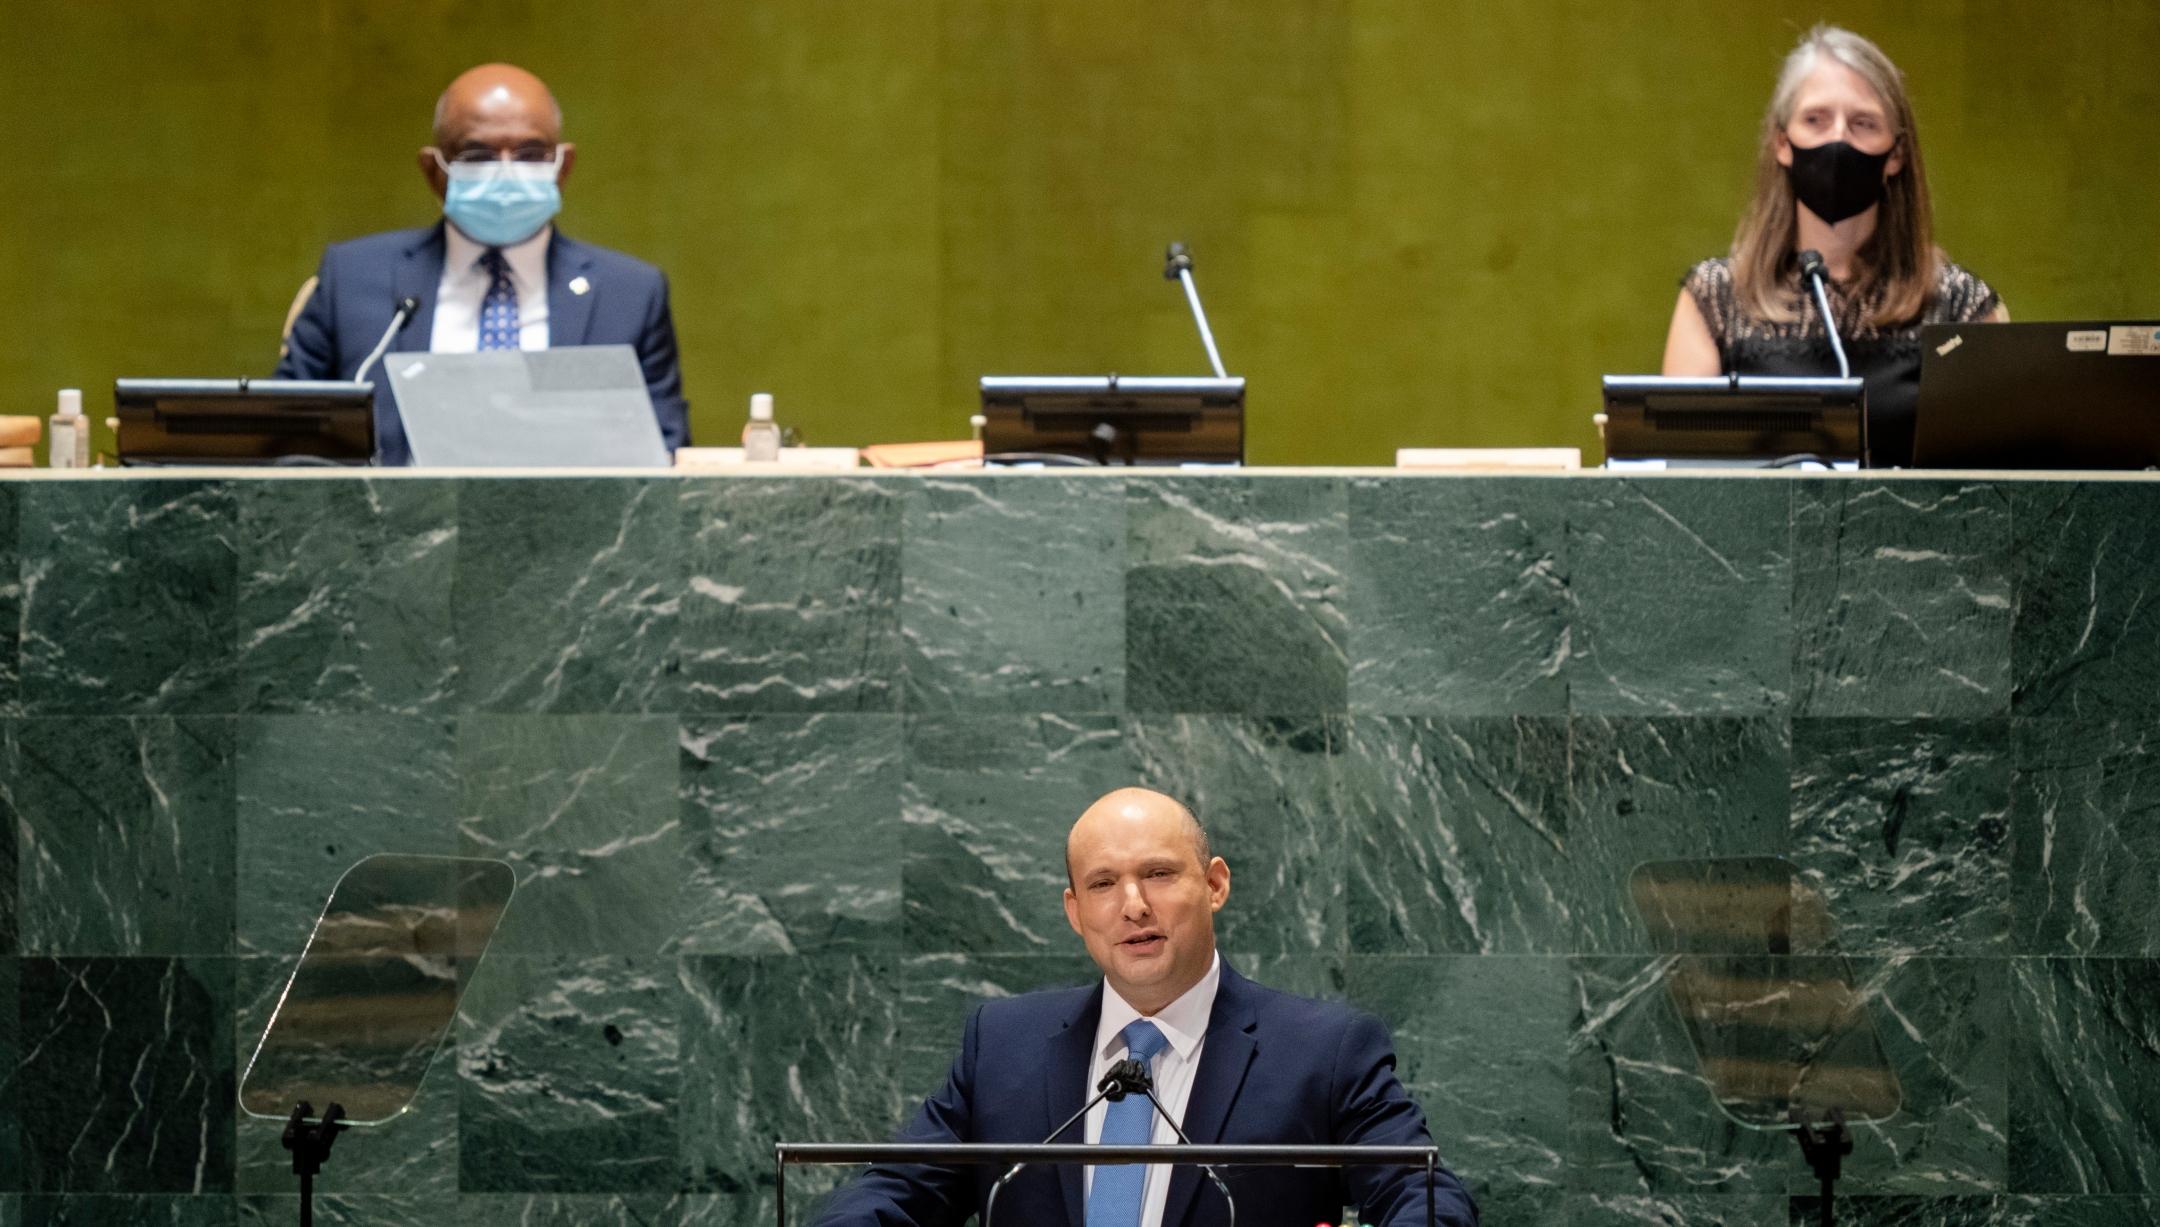 In his first UN speech, Naftali Bennett sounded different than Netanyahu